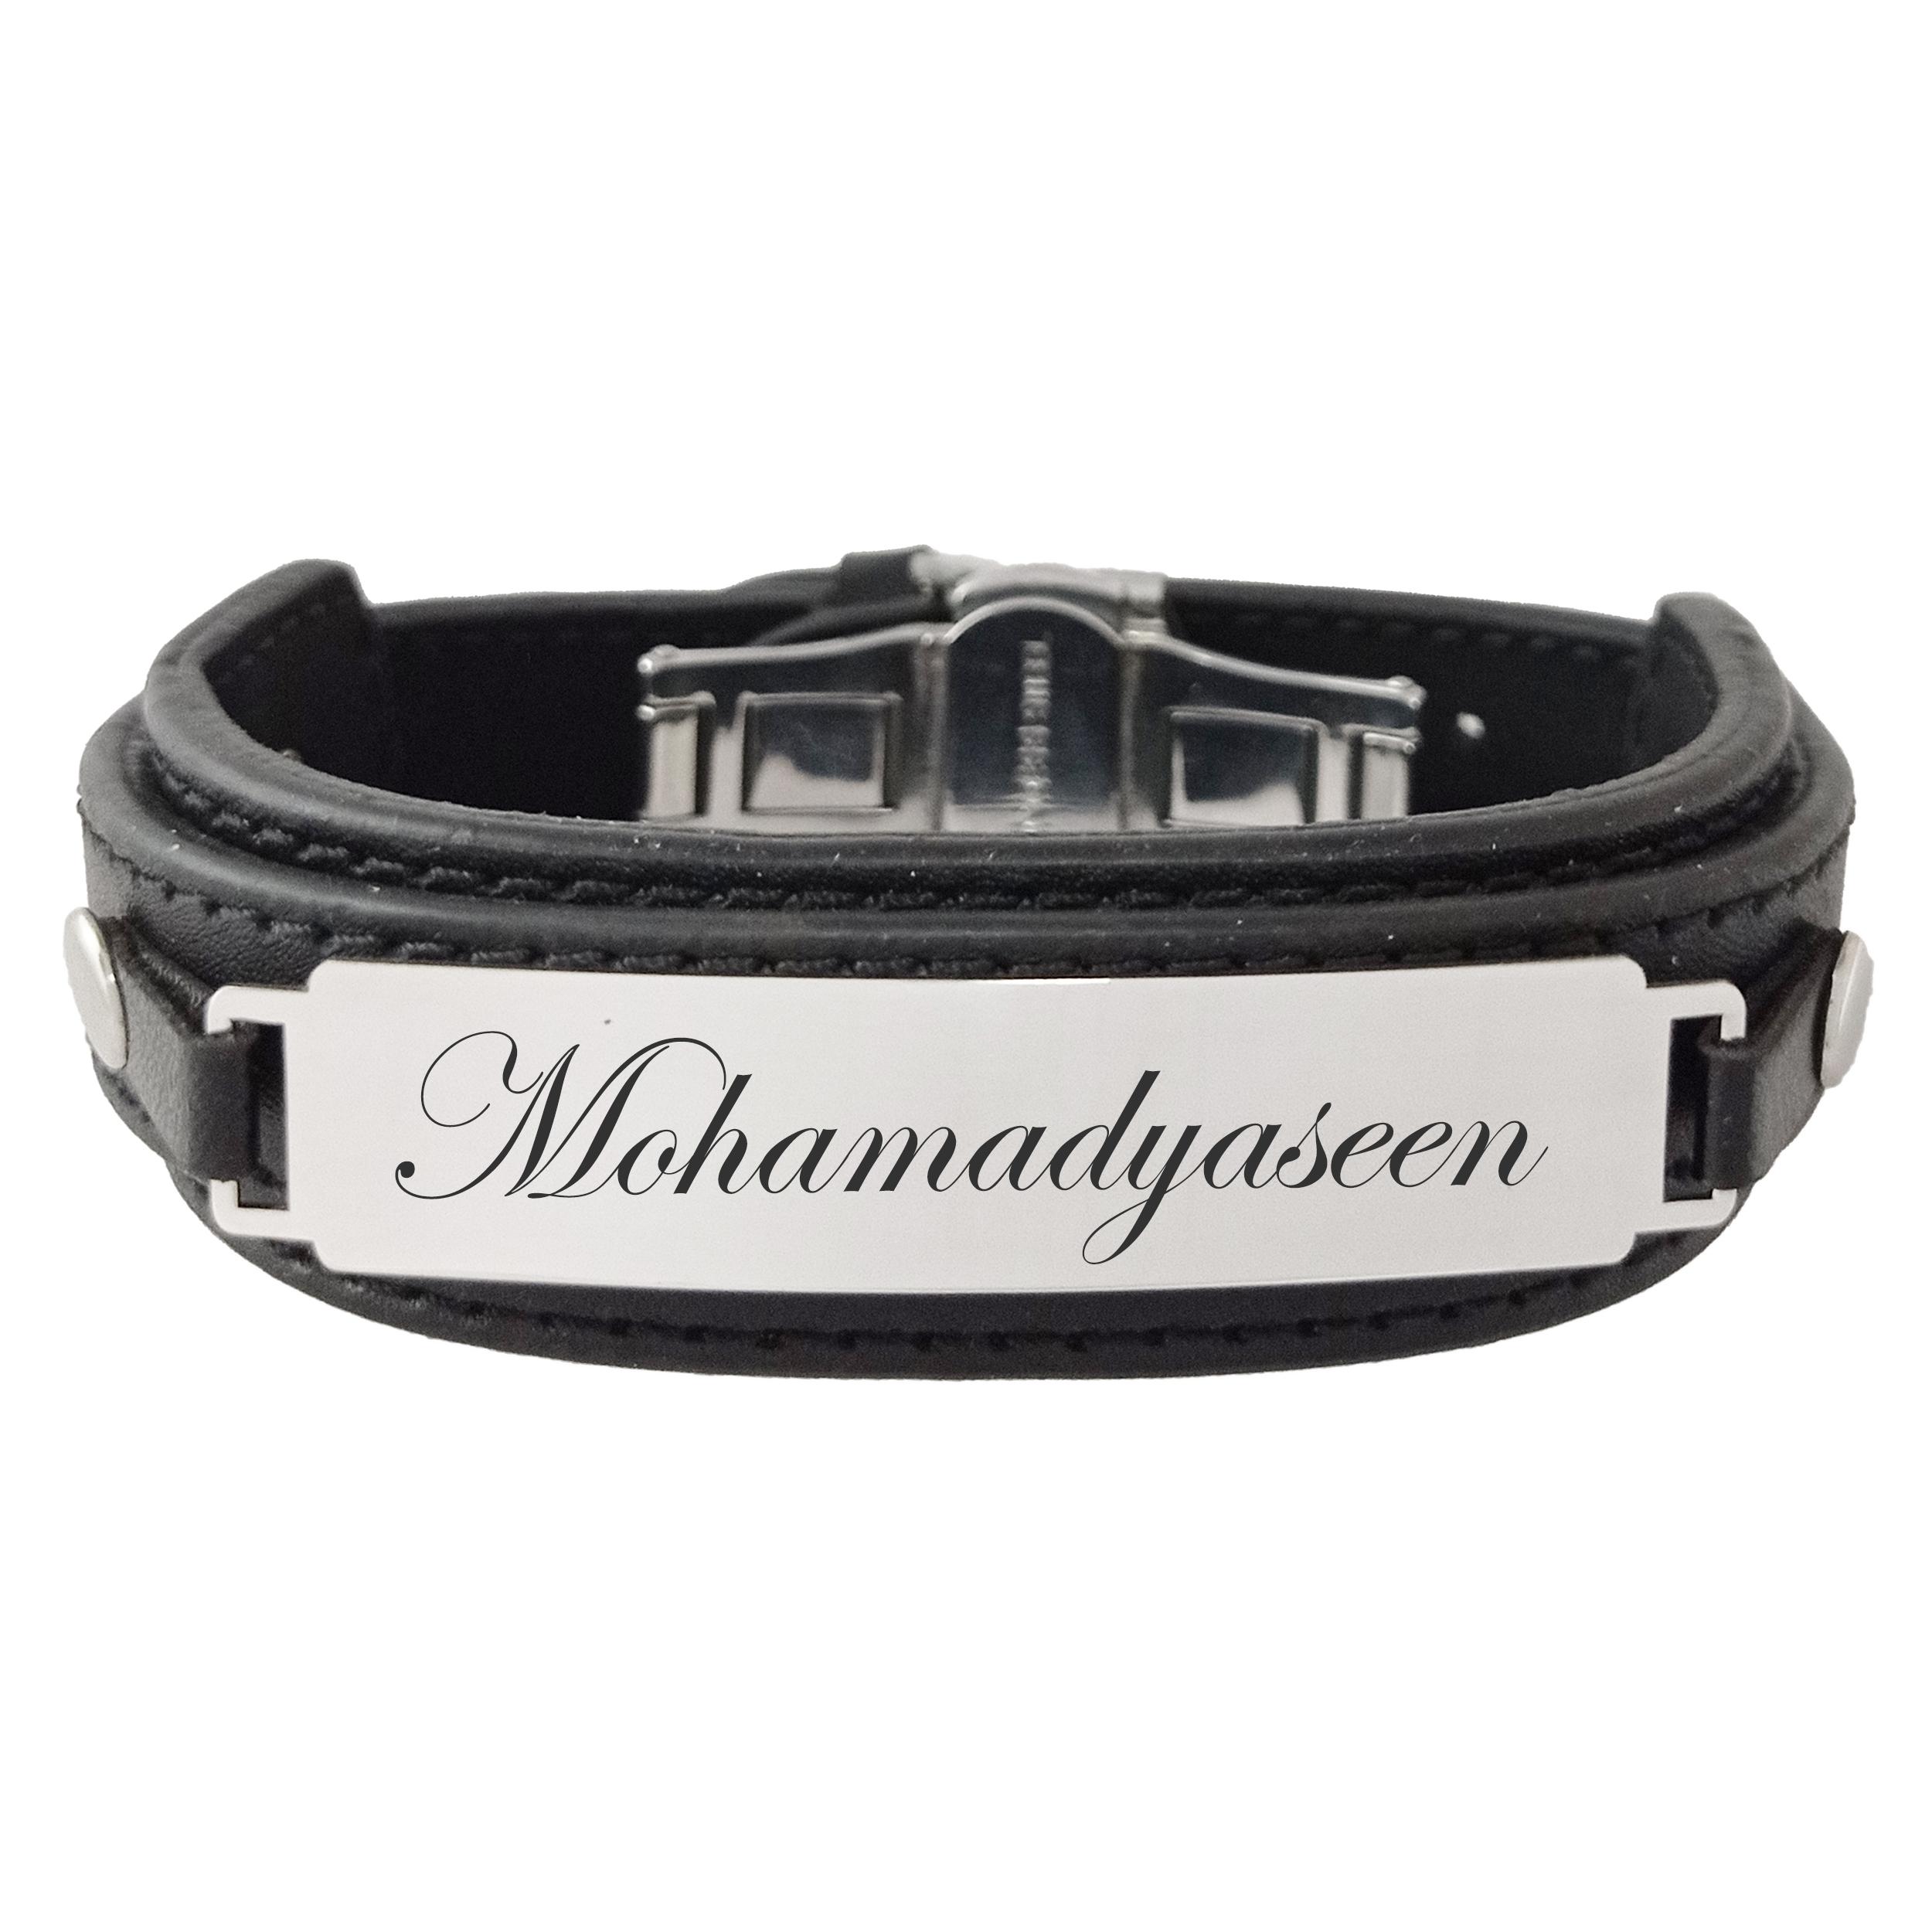 دستبند مردانه ترمه ۱ مدل محمدیاسین کد Sam 973